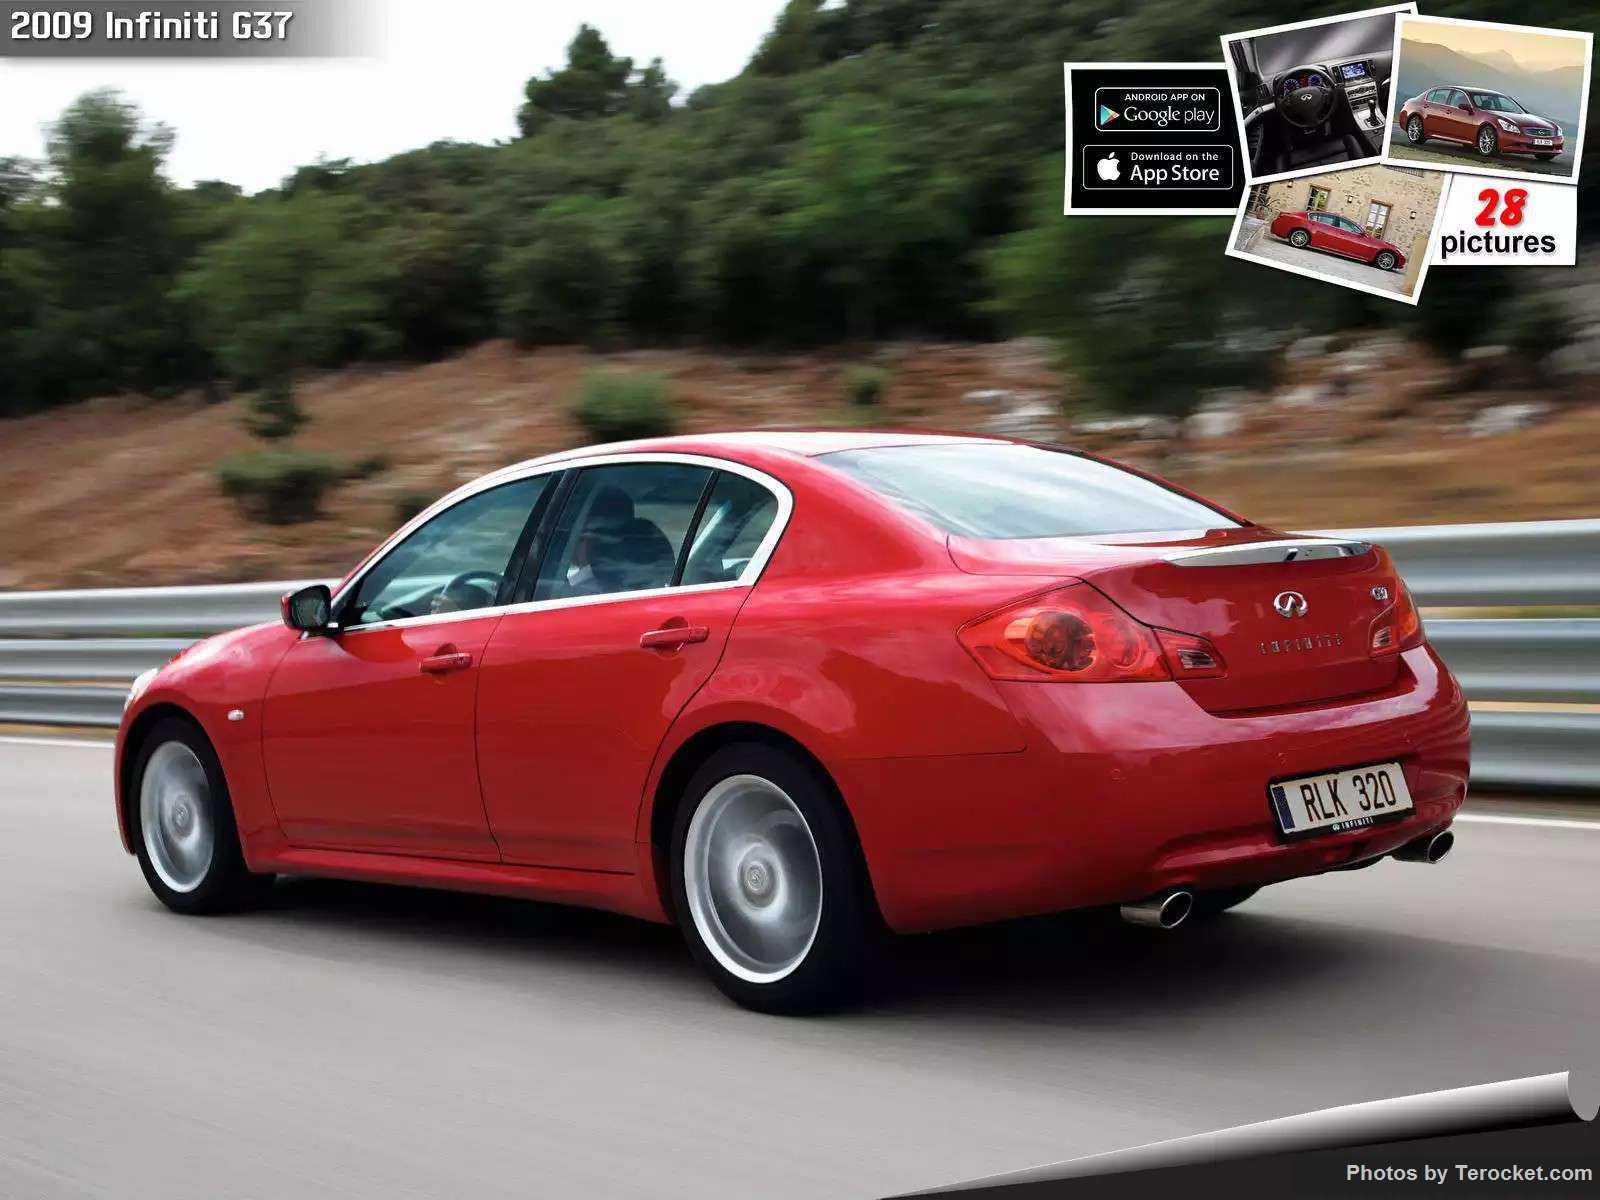 Hình ảnh xe ô tô Infiniti G37 2009 & nội ngoại thất